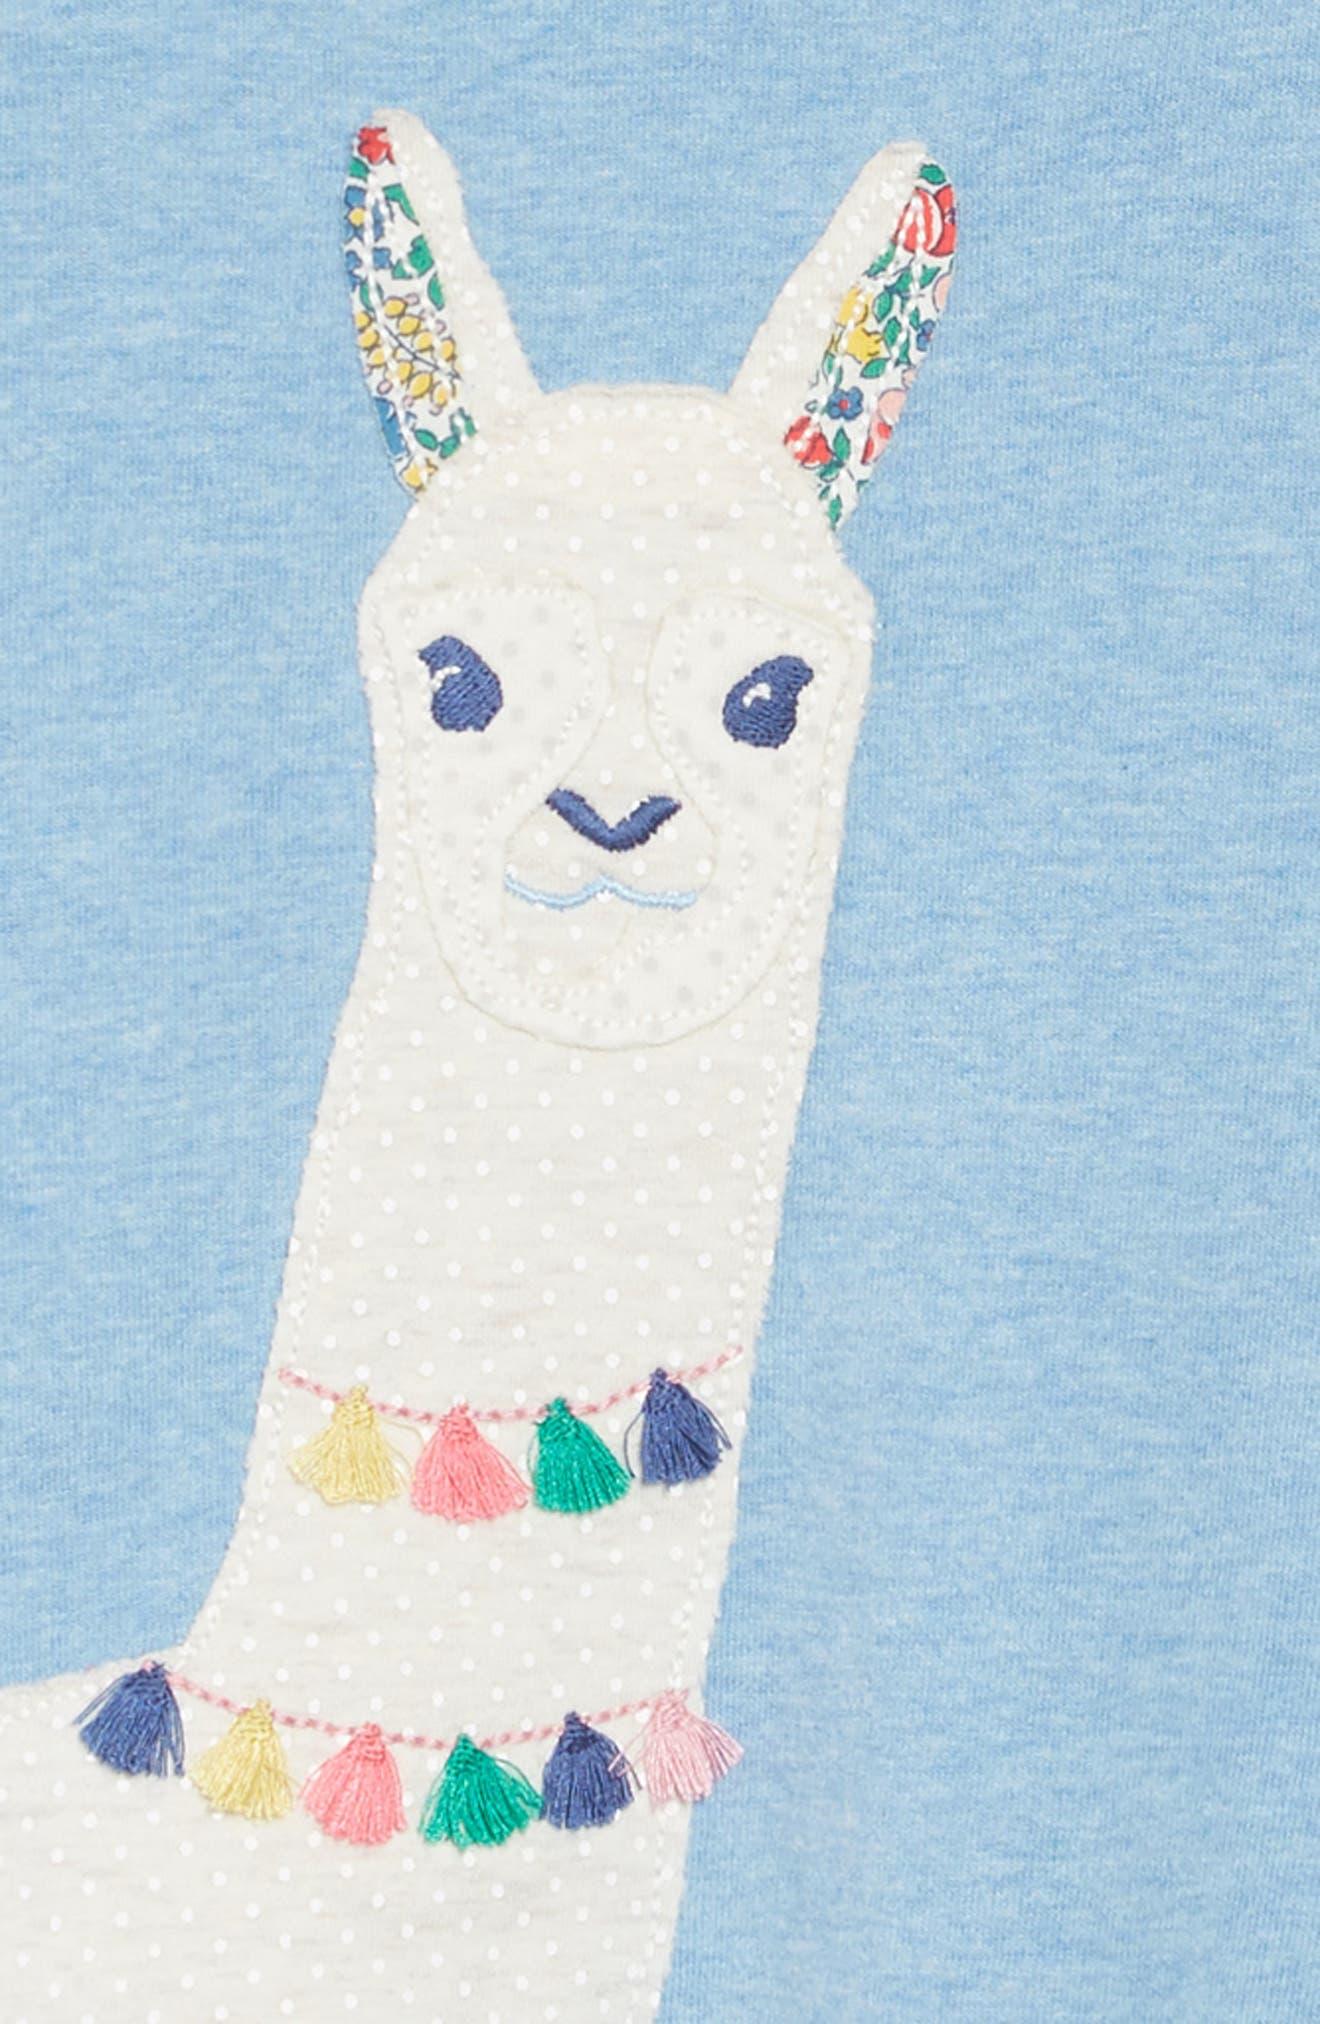 Patchwork Appliqué Dress,                             Alternate thumbnail 3, color,                             BLUE MARL LLAMAS